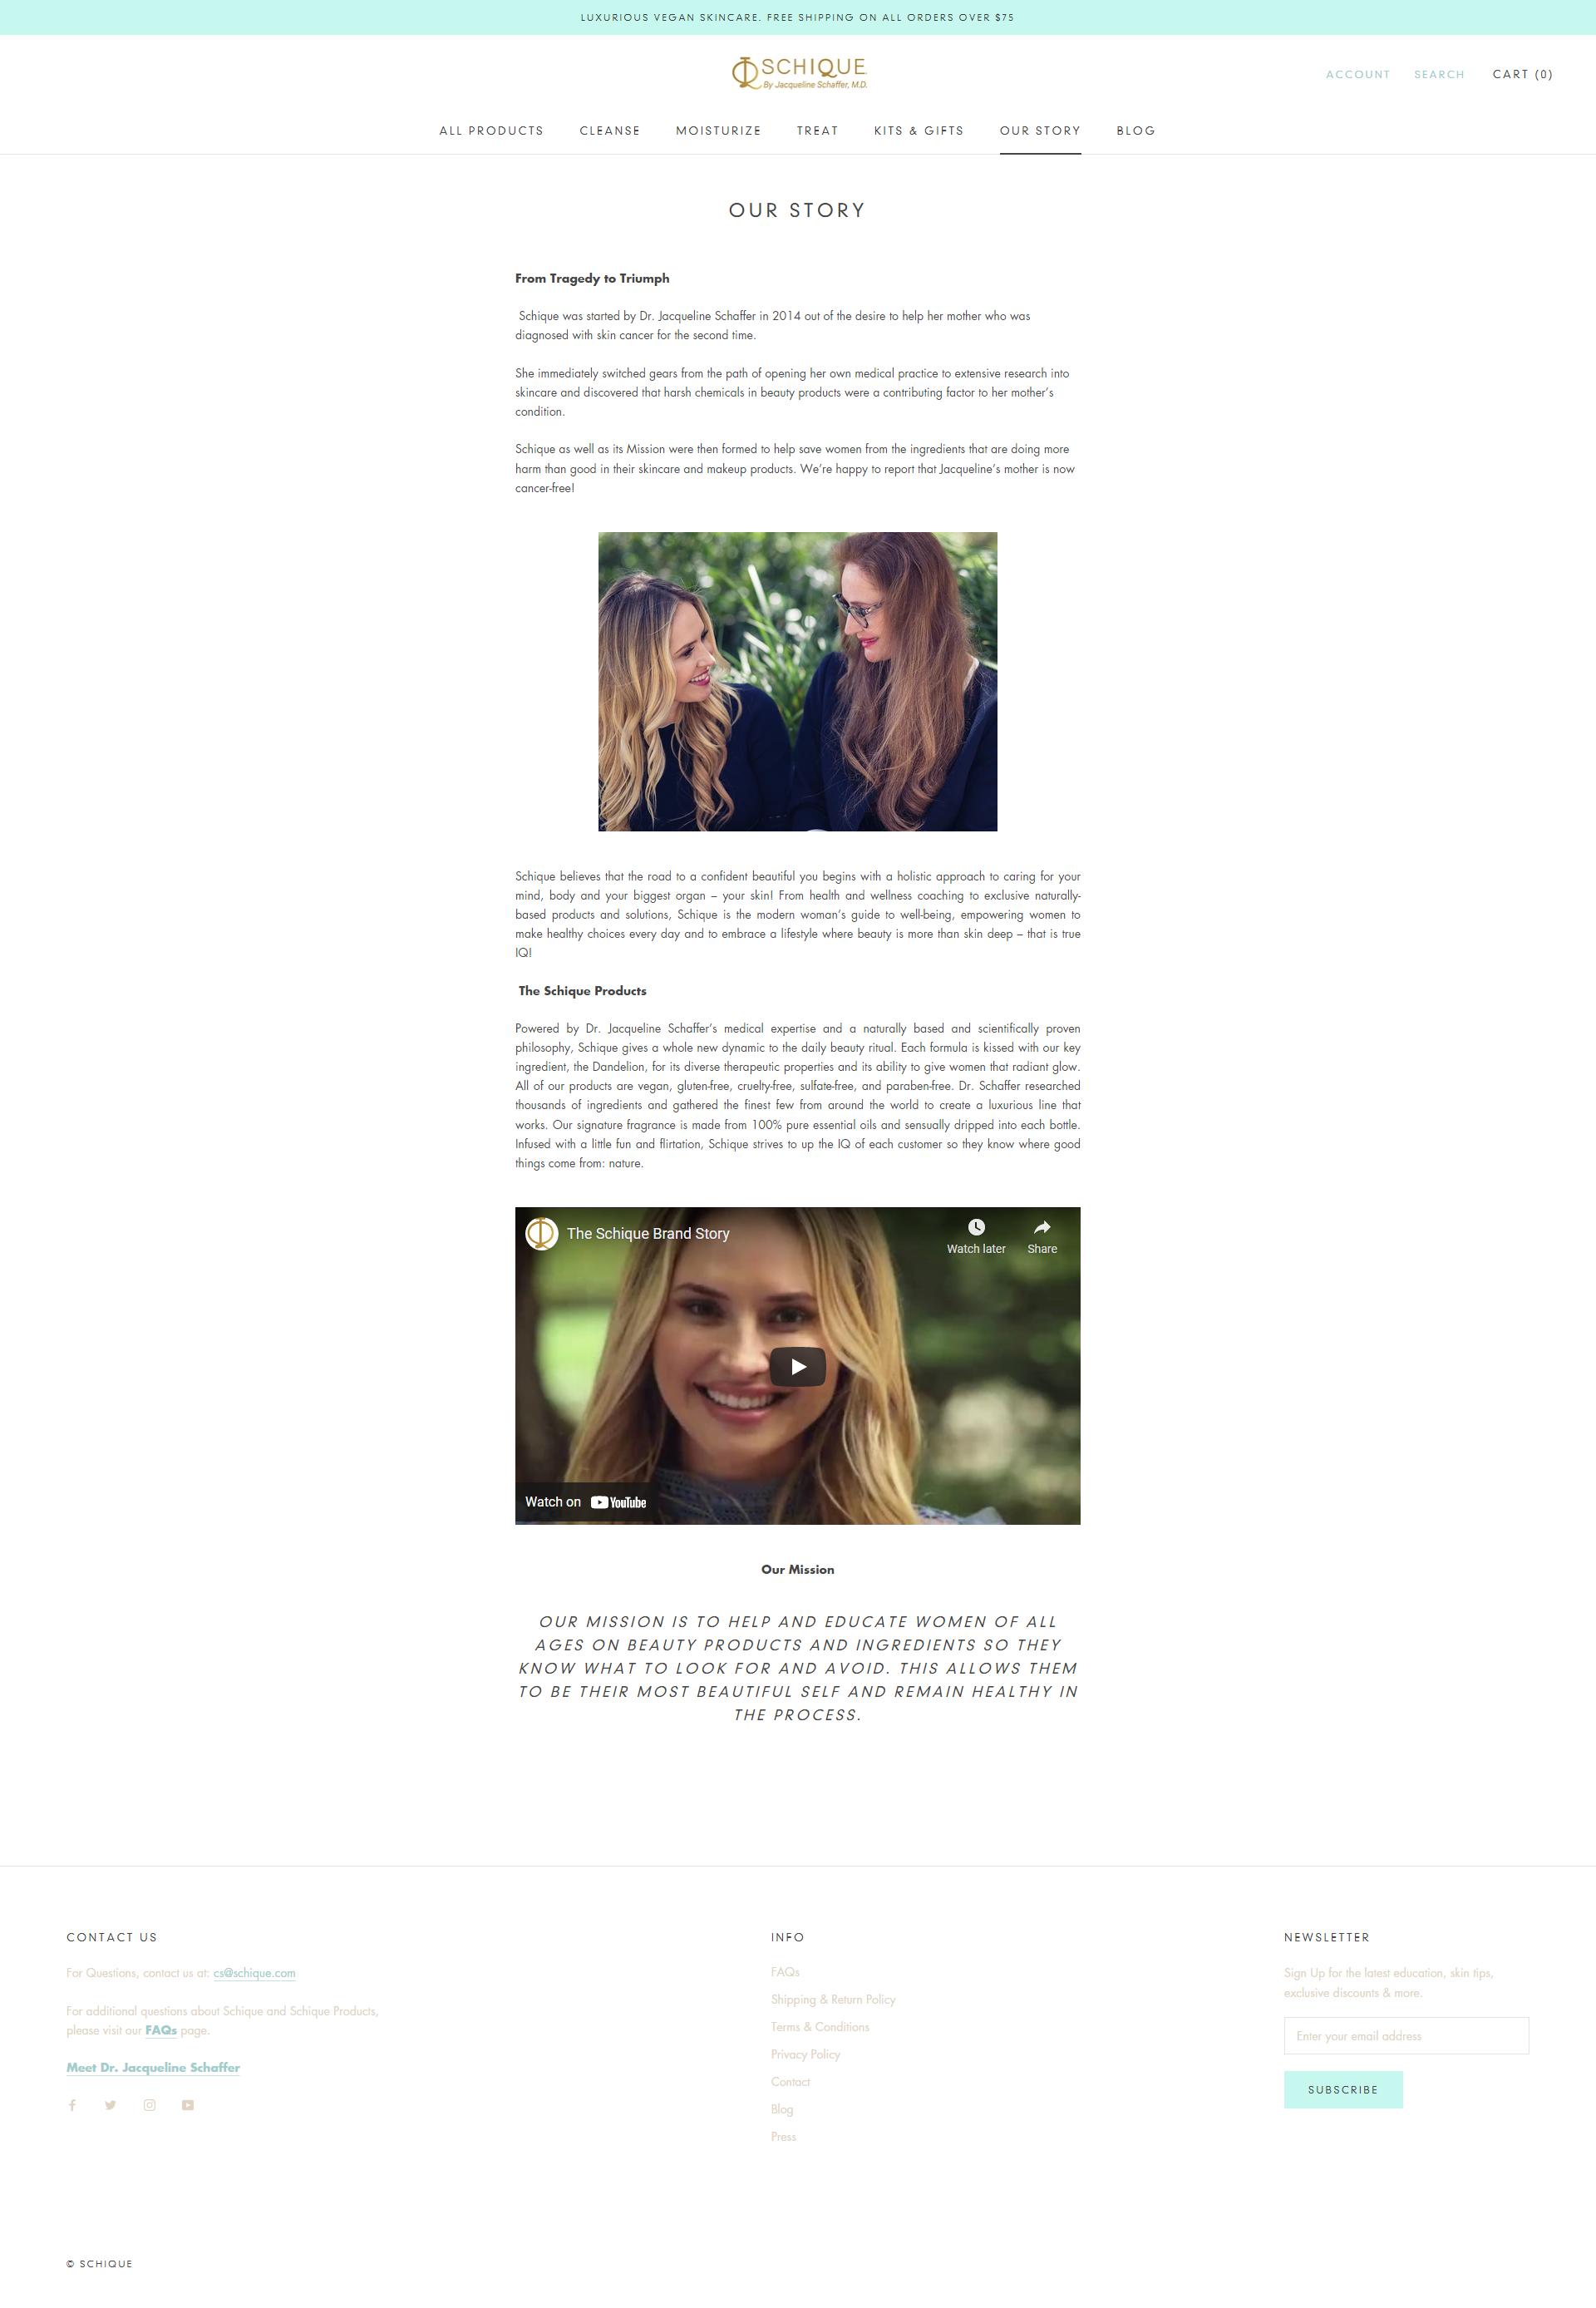 screencapture-schique-pages-about-schique-2021-09-25-12_58_55